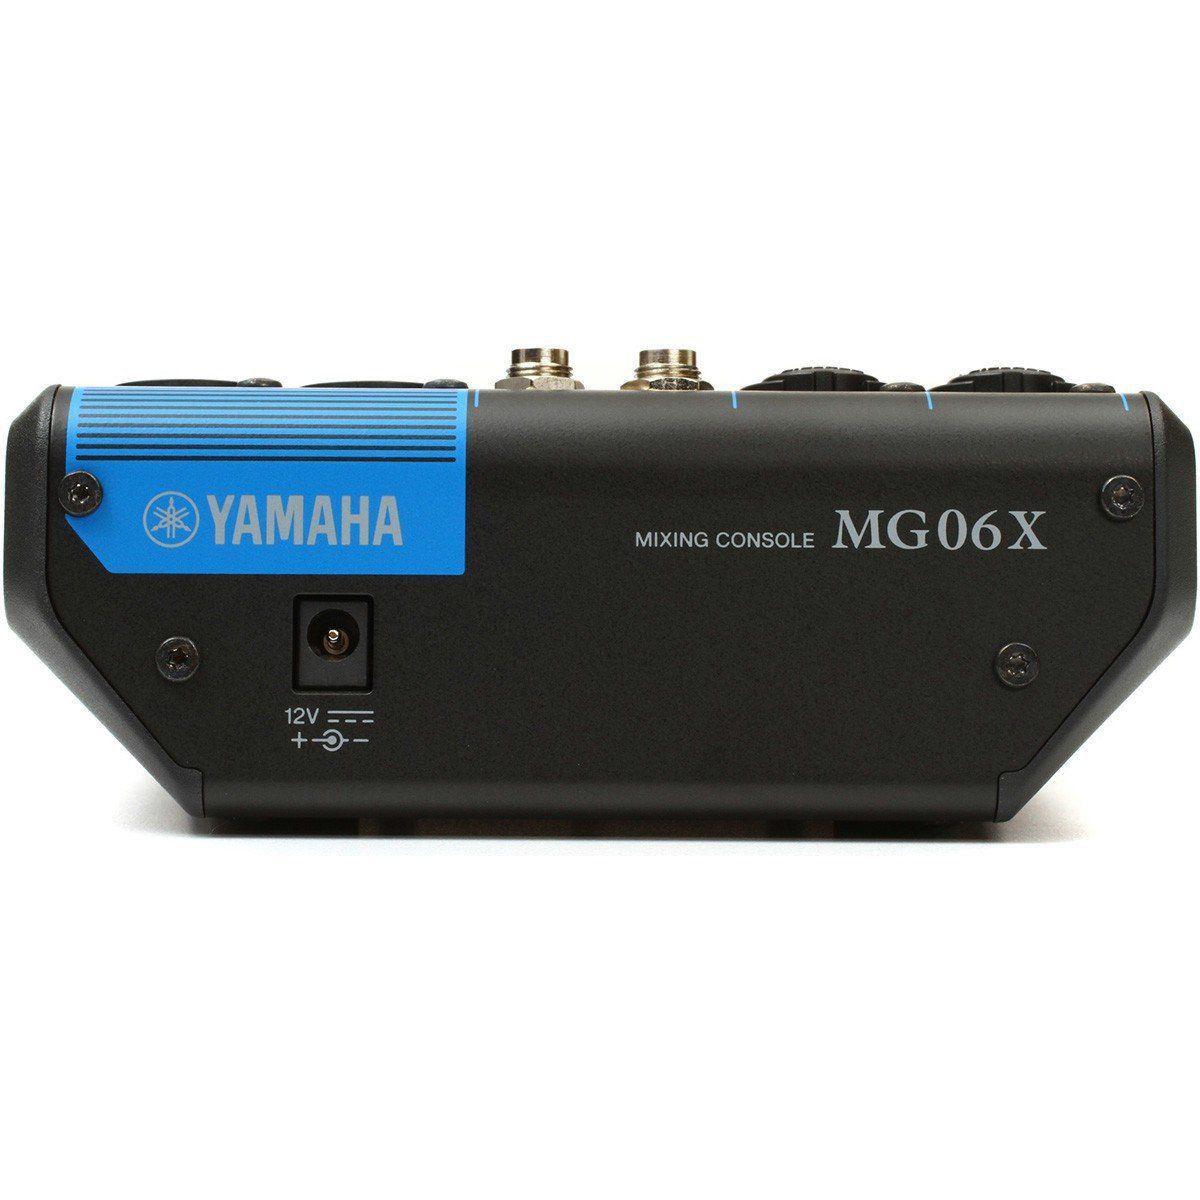 Yamaha MG06X Mesa de Som MG-6-X Analógica 6 Canais Profissional para Trabalhos Menores